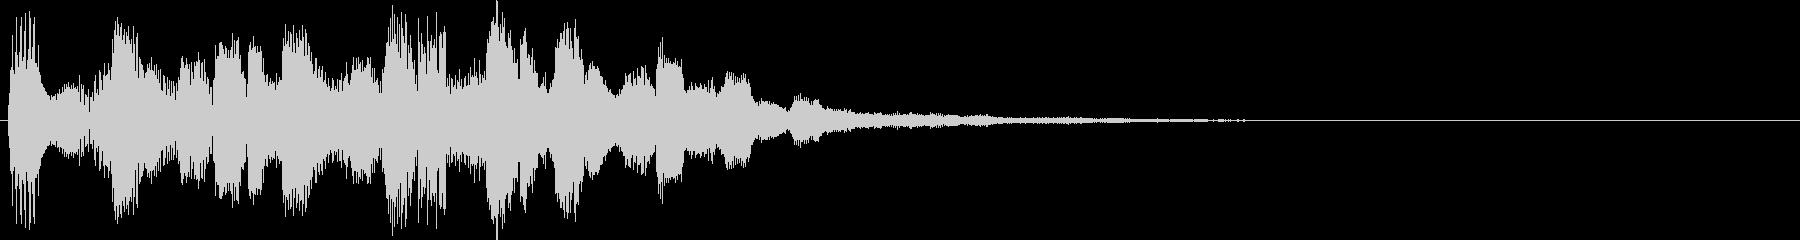 ズンズタランズチャキララ(アイキャッチ)の未再生の波形